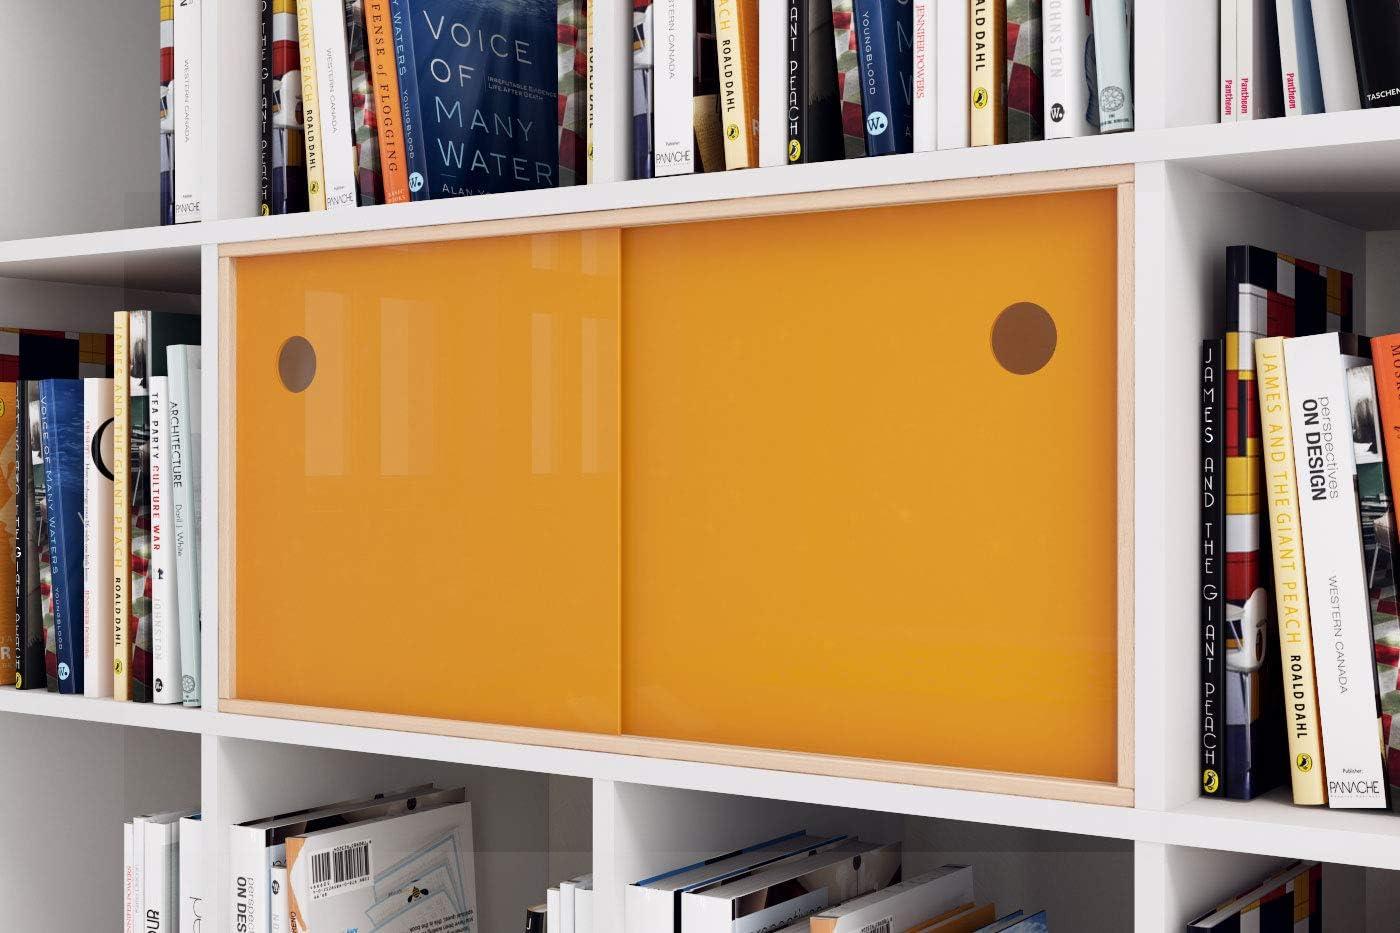 Superelch Puerta corredera para estantería Kallax de IKEA, Puertas de Cristal acrílico, Vitrina de Cristal, Carril con Marco de Madera para Libros